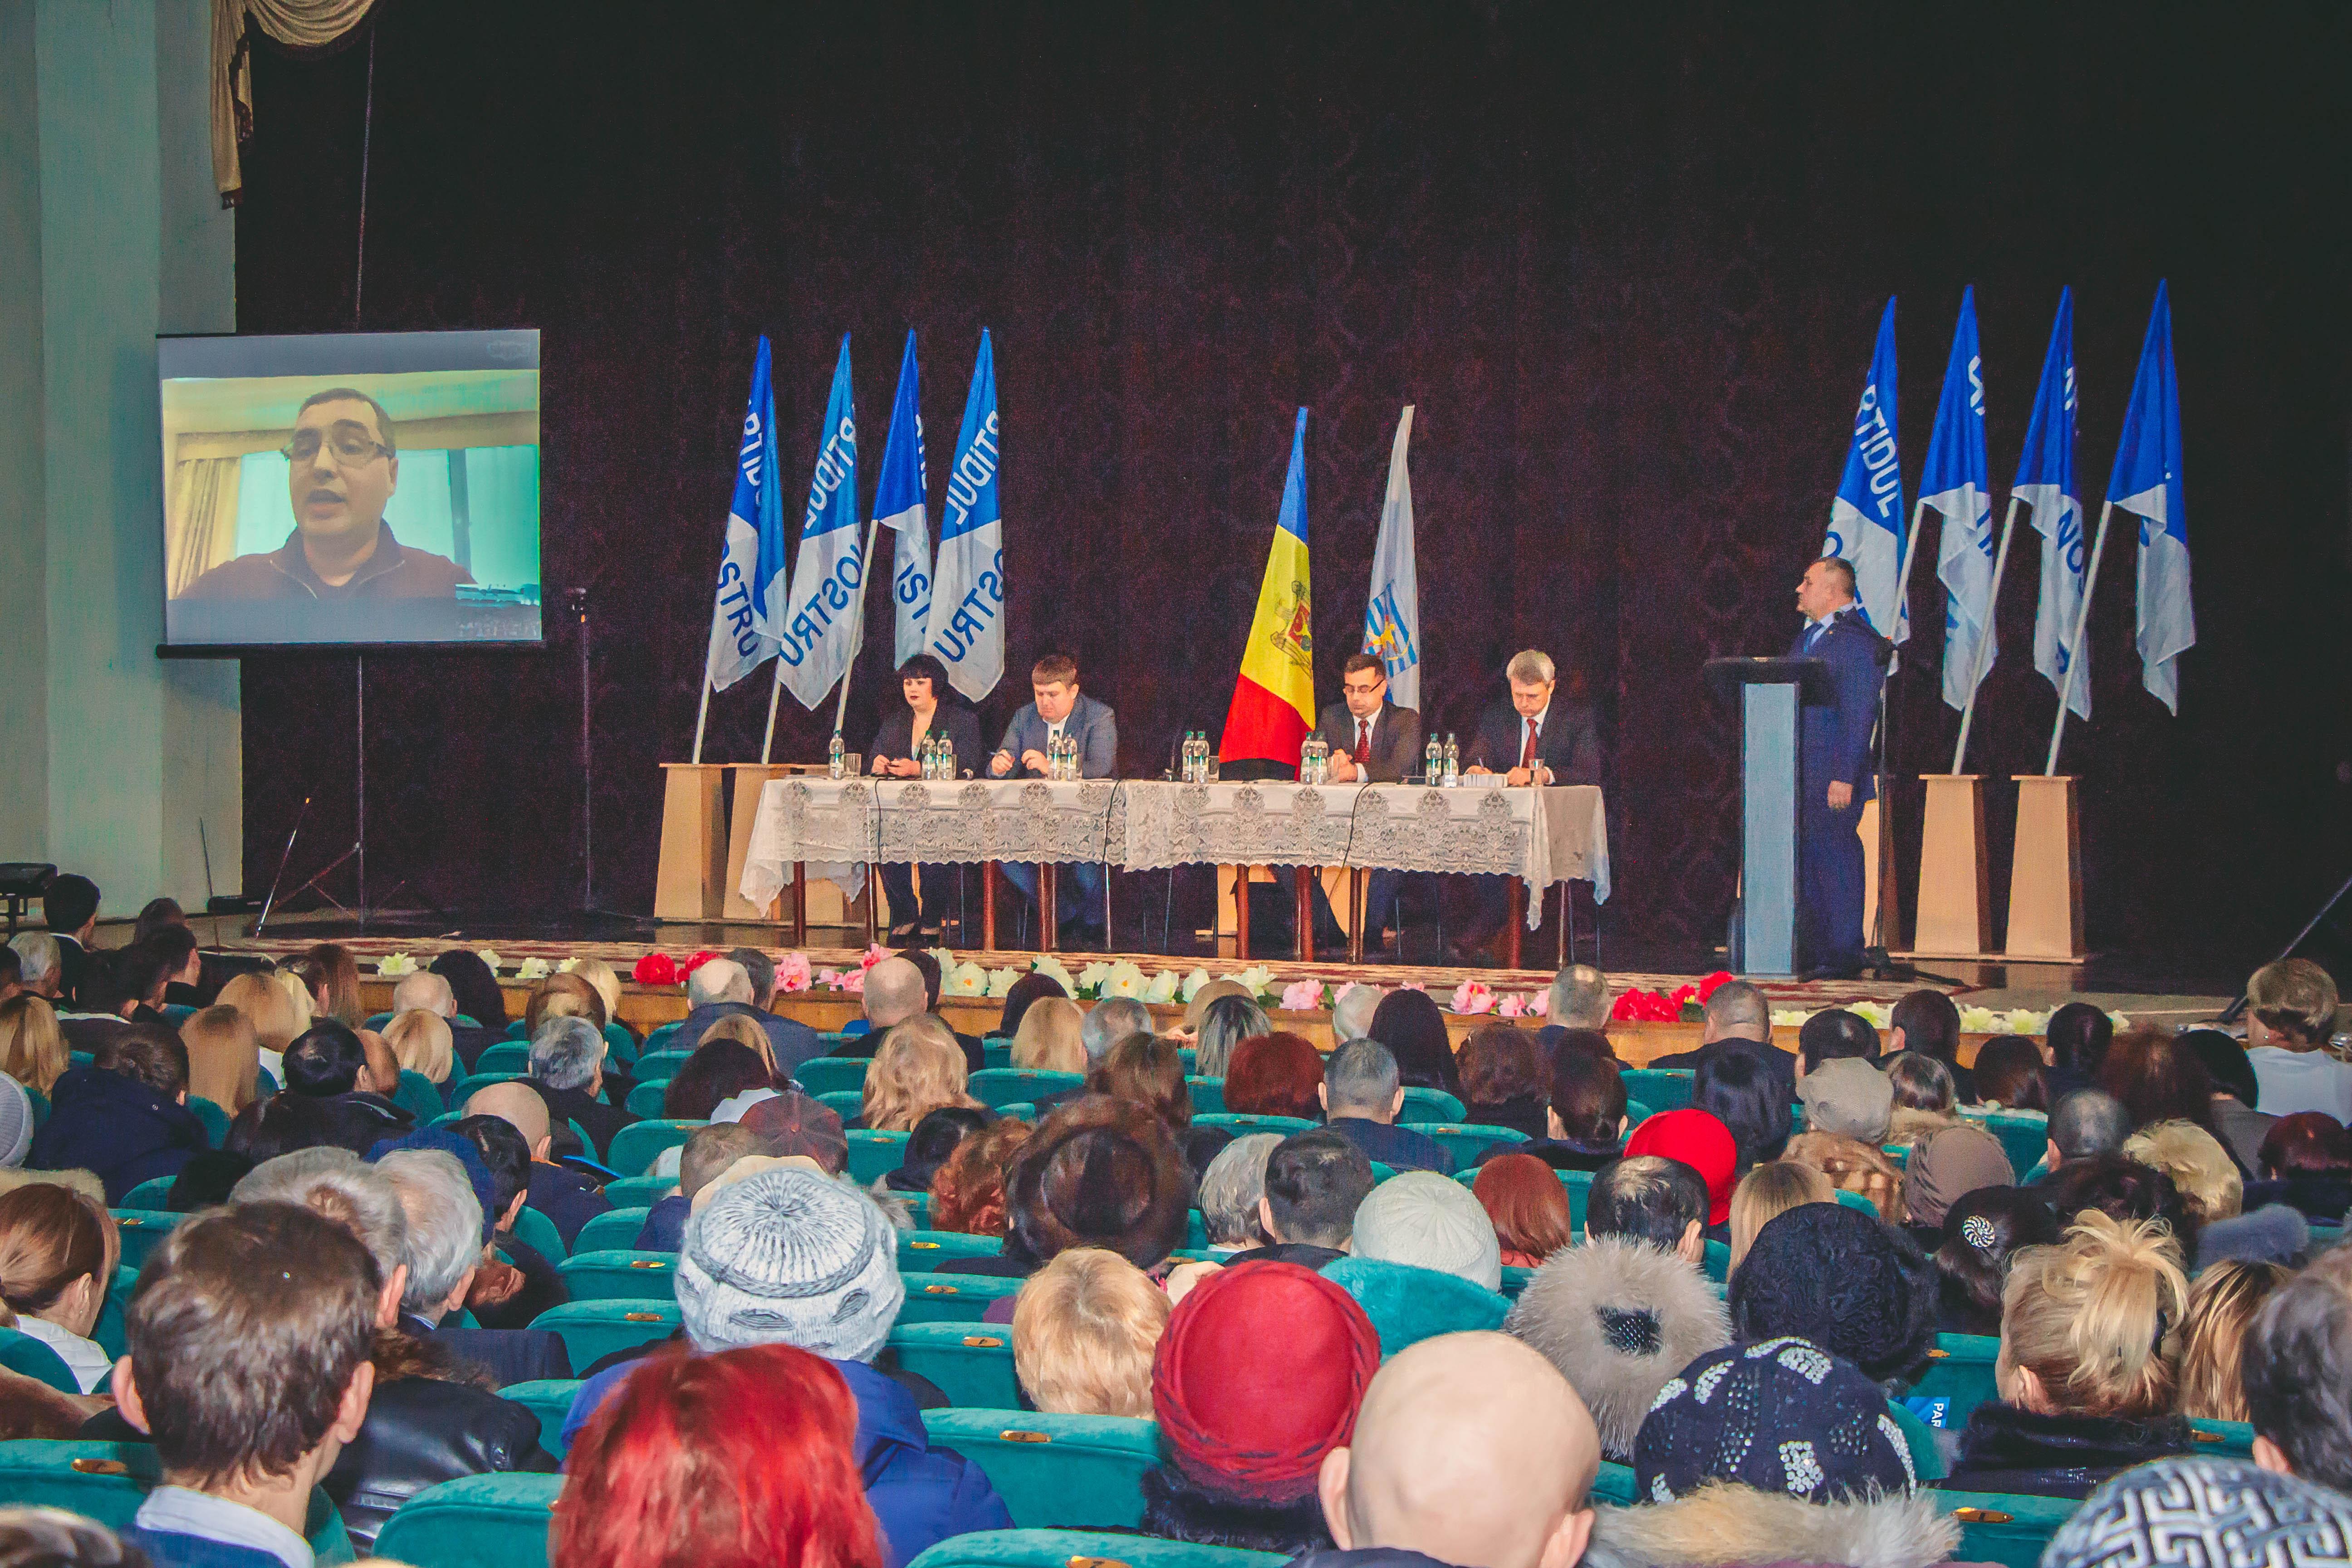 Usatîi: Noi sîntem cel mai periculos partid pentru regimul de guvernare